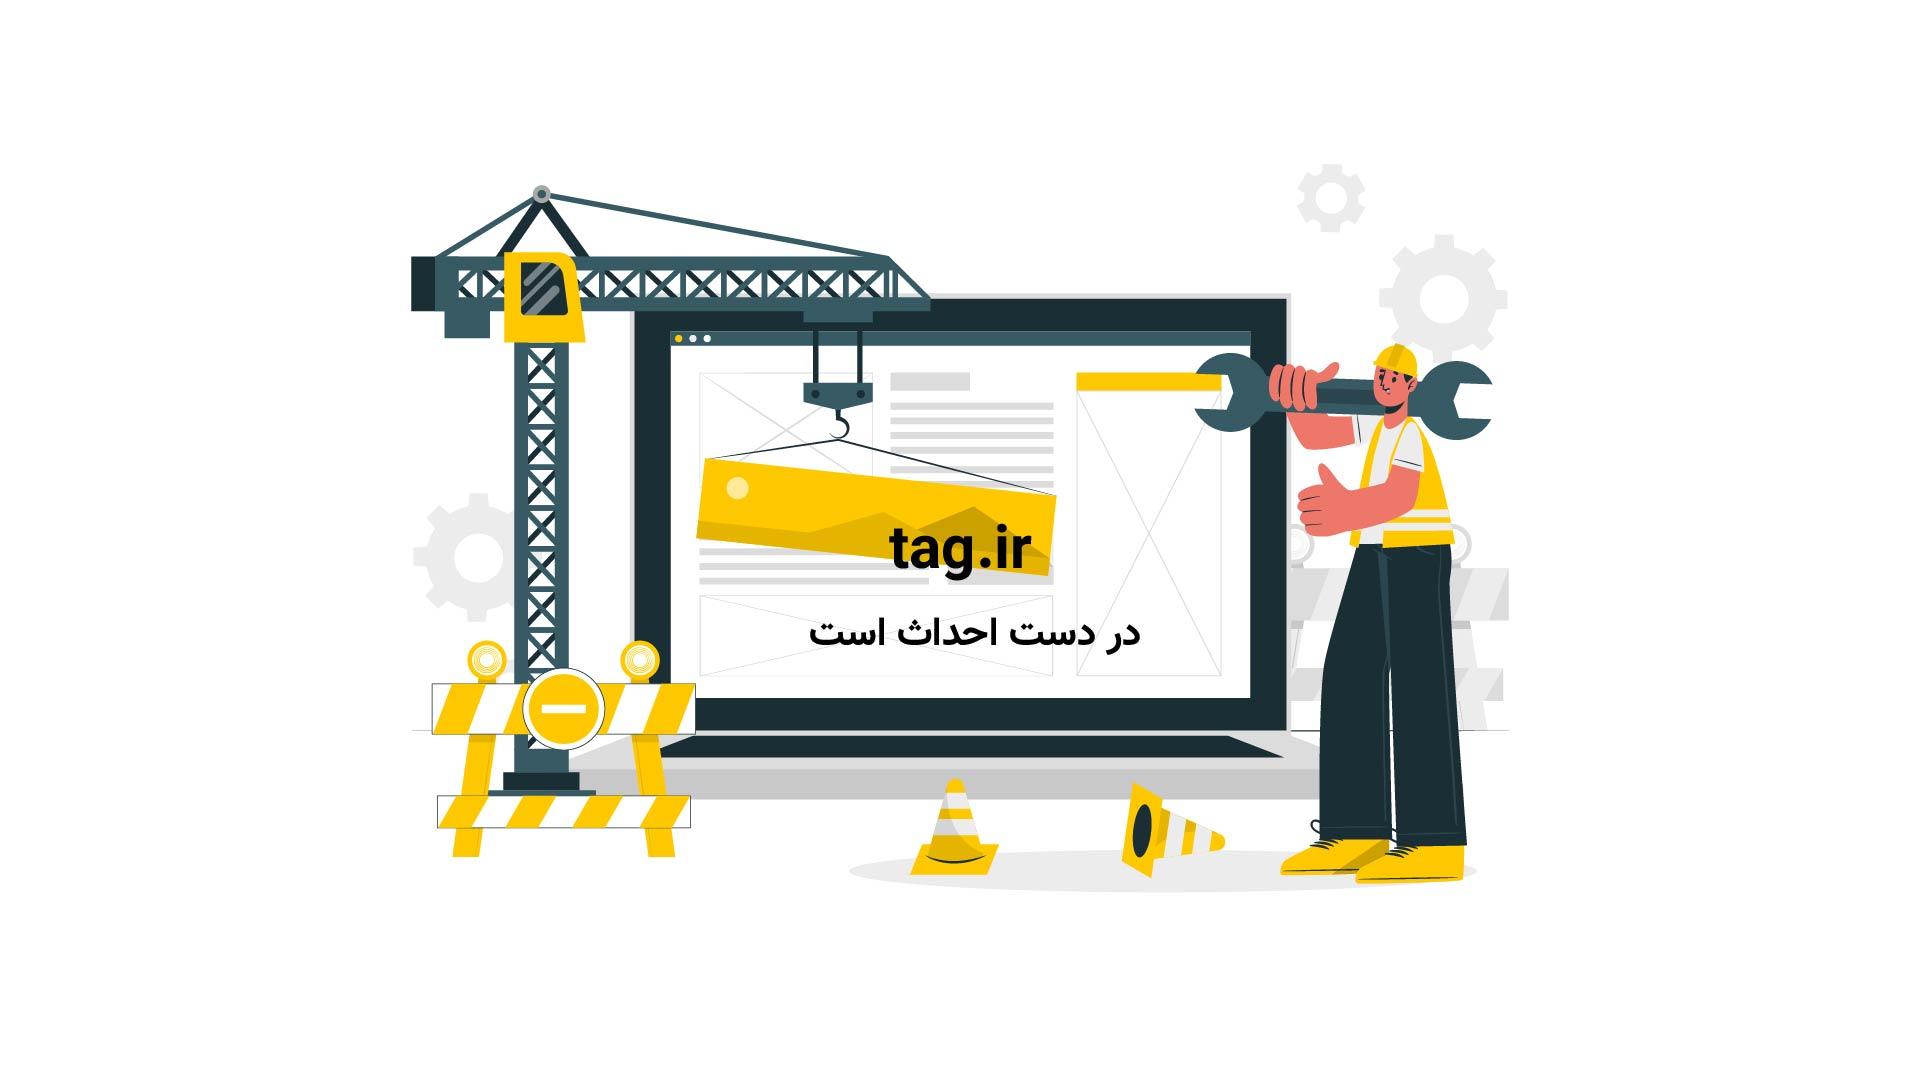 هتل اقامت حسن روحانی در ترکیه + عکس